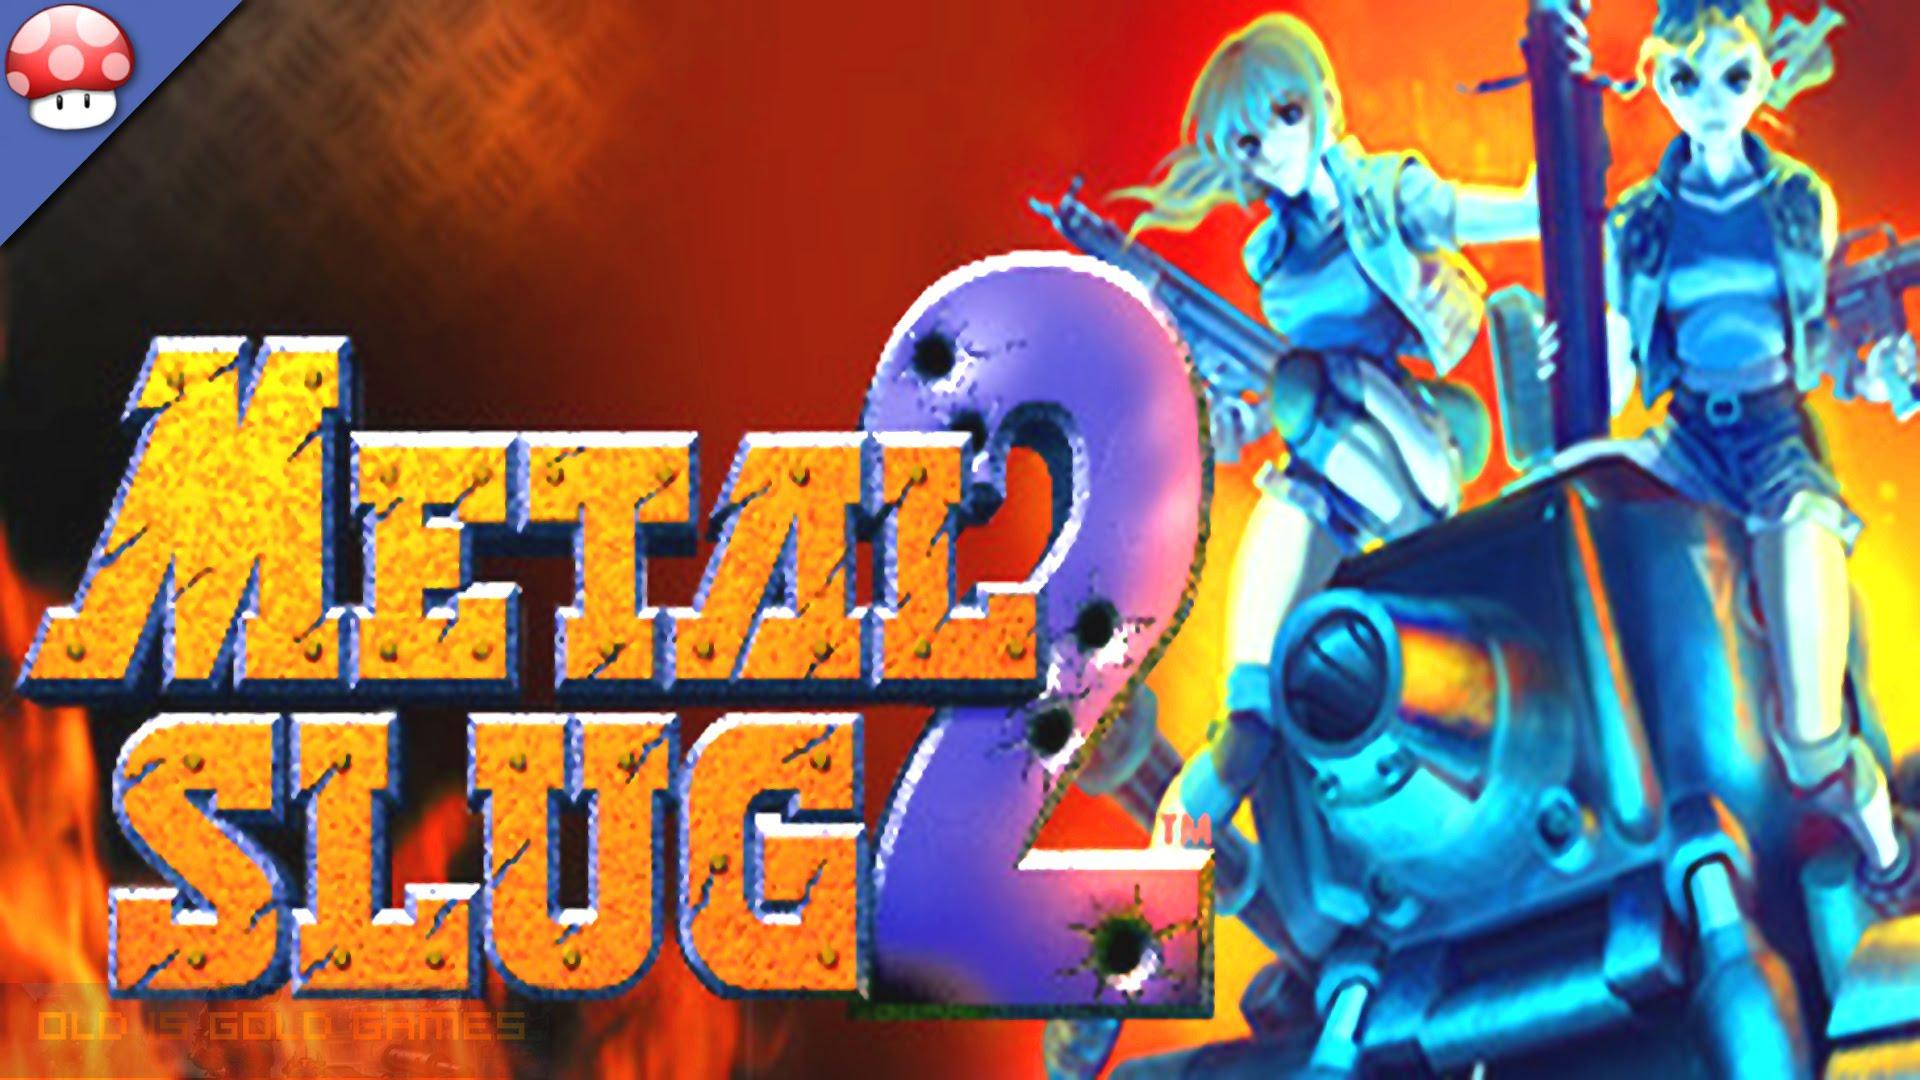 Games metal slug 2 free download artyk gaming dota 2